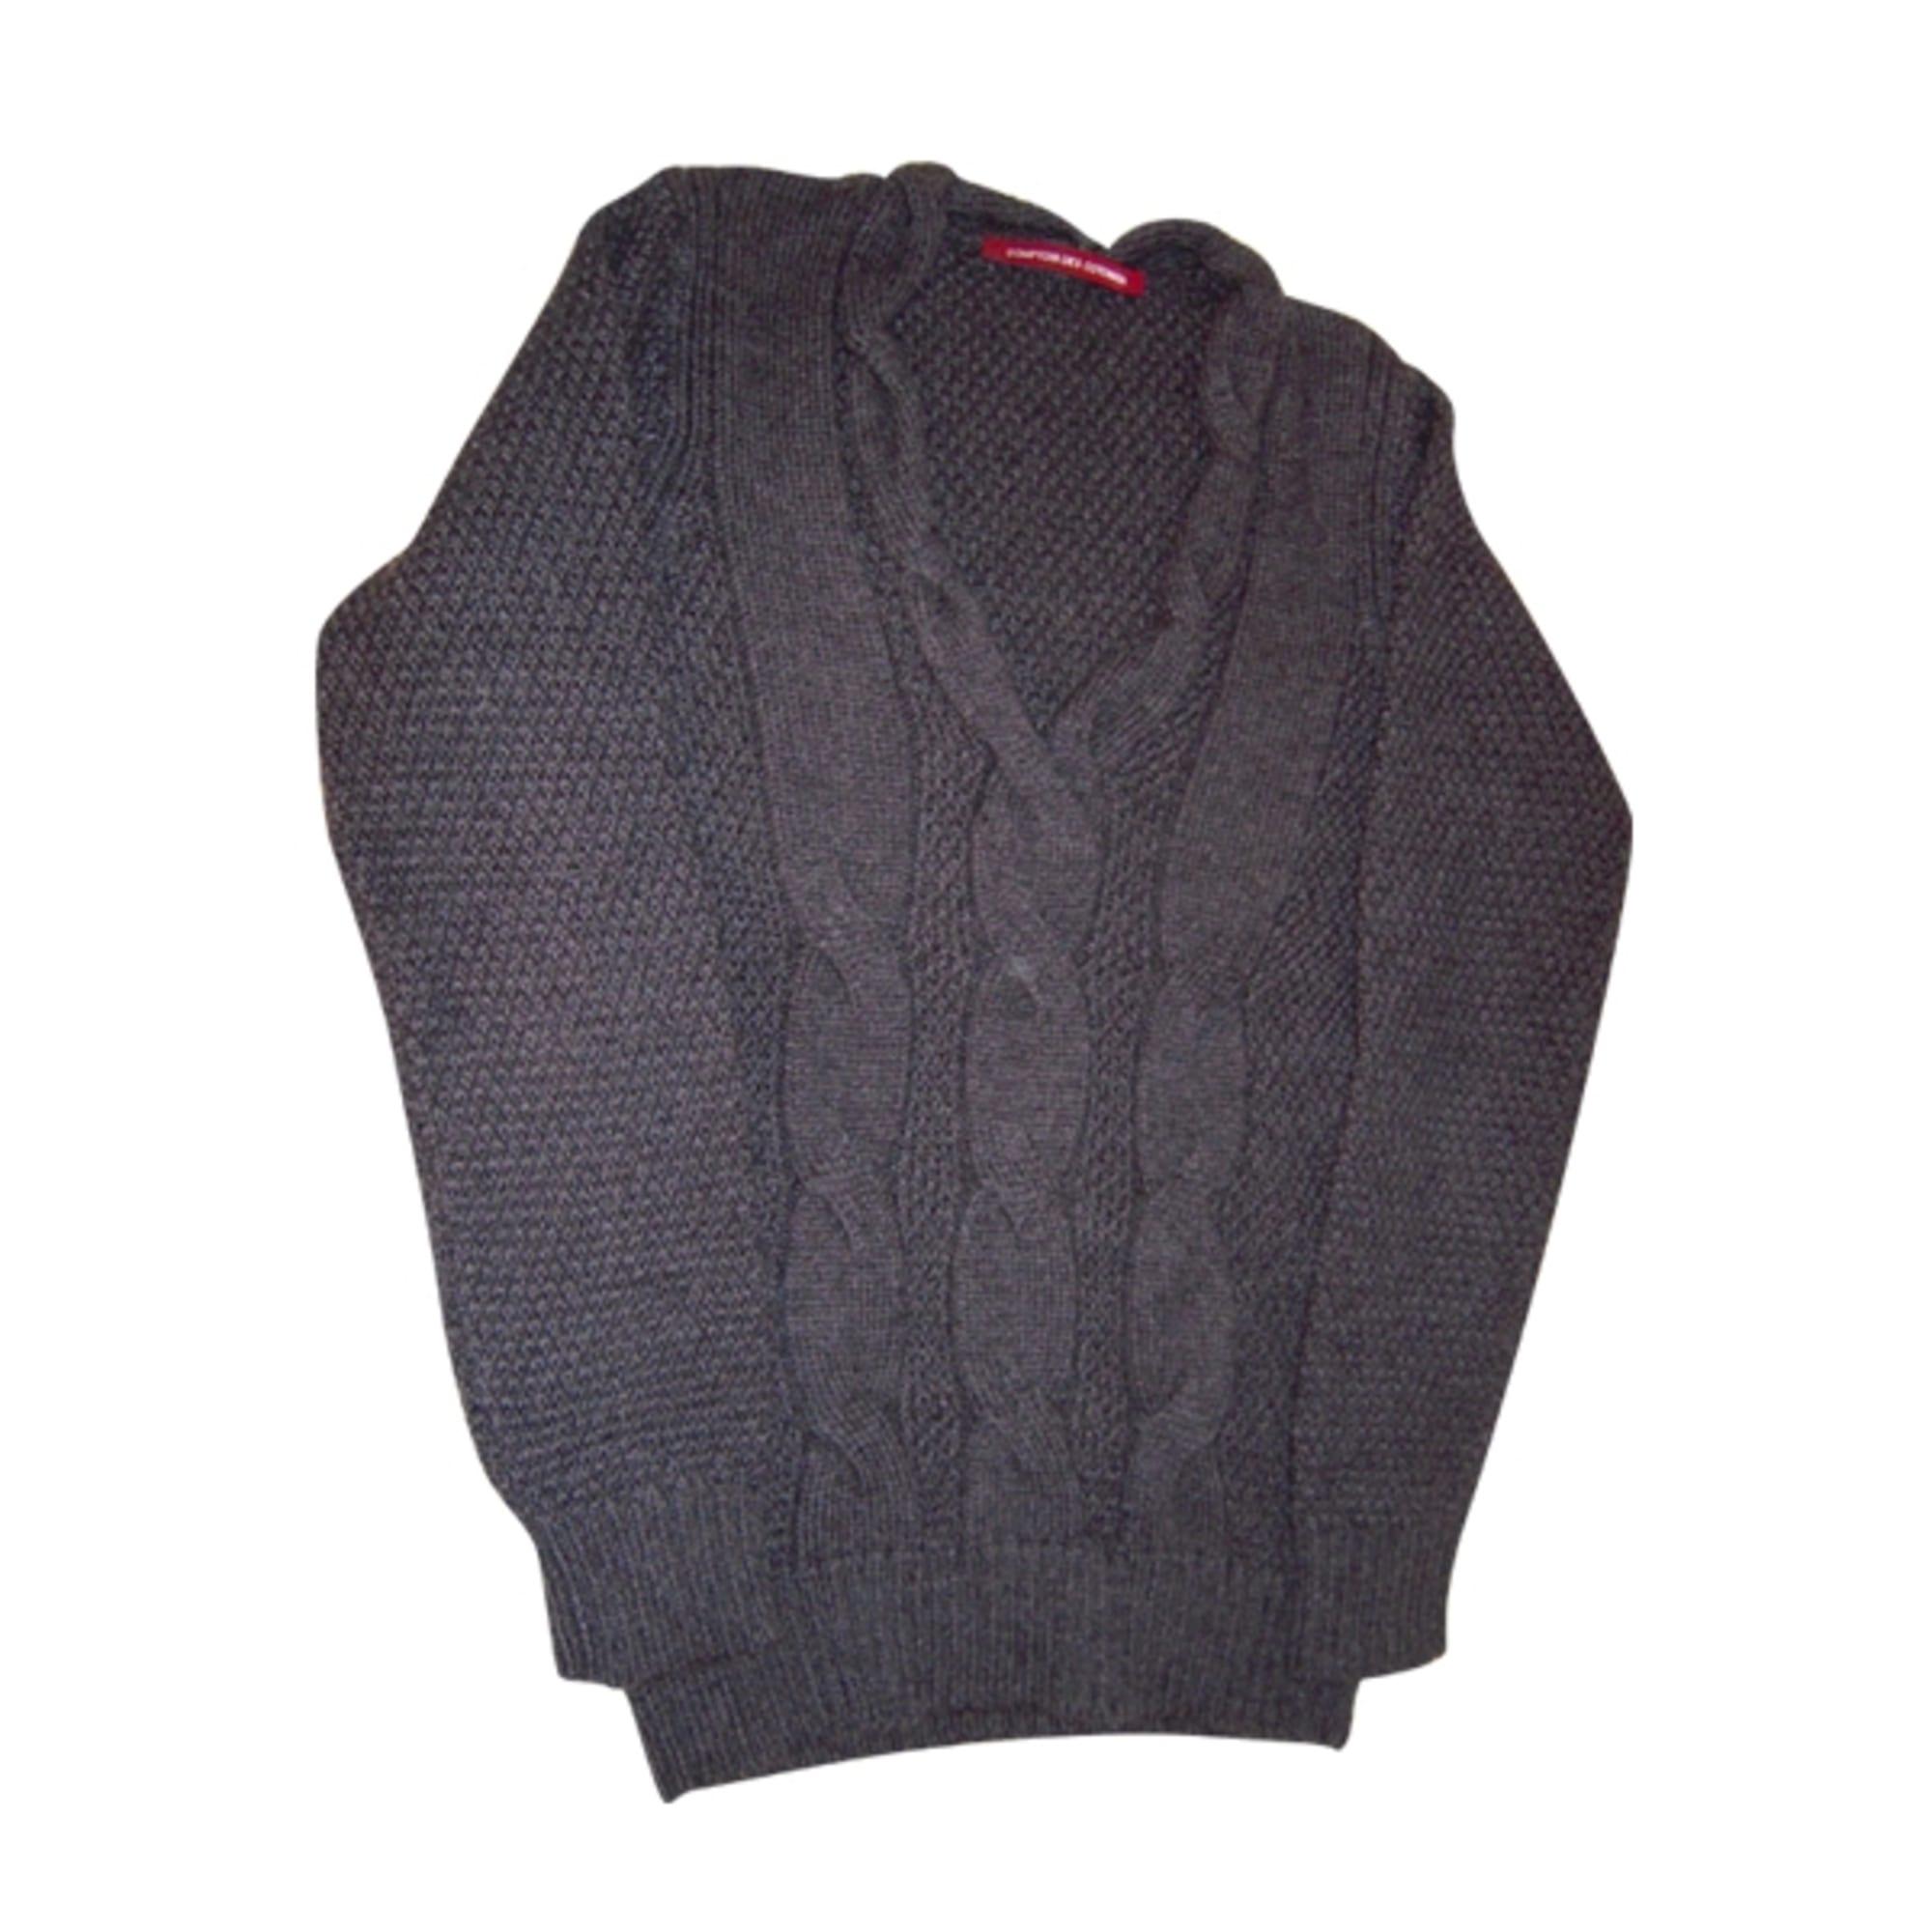 140317355a598 Pull COMPTOIR DES COTONNIERS 36 (S, T1) gris vendu par Illithie ...